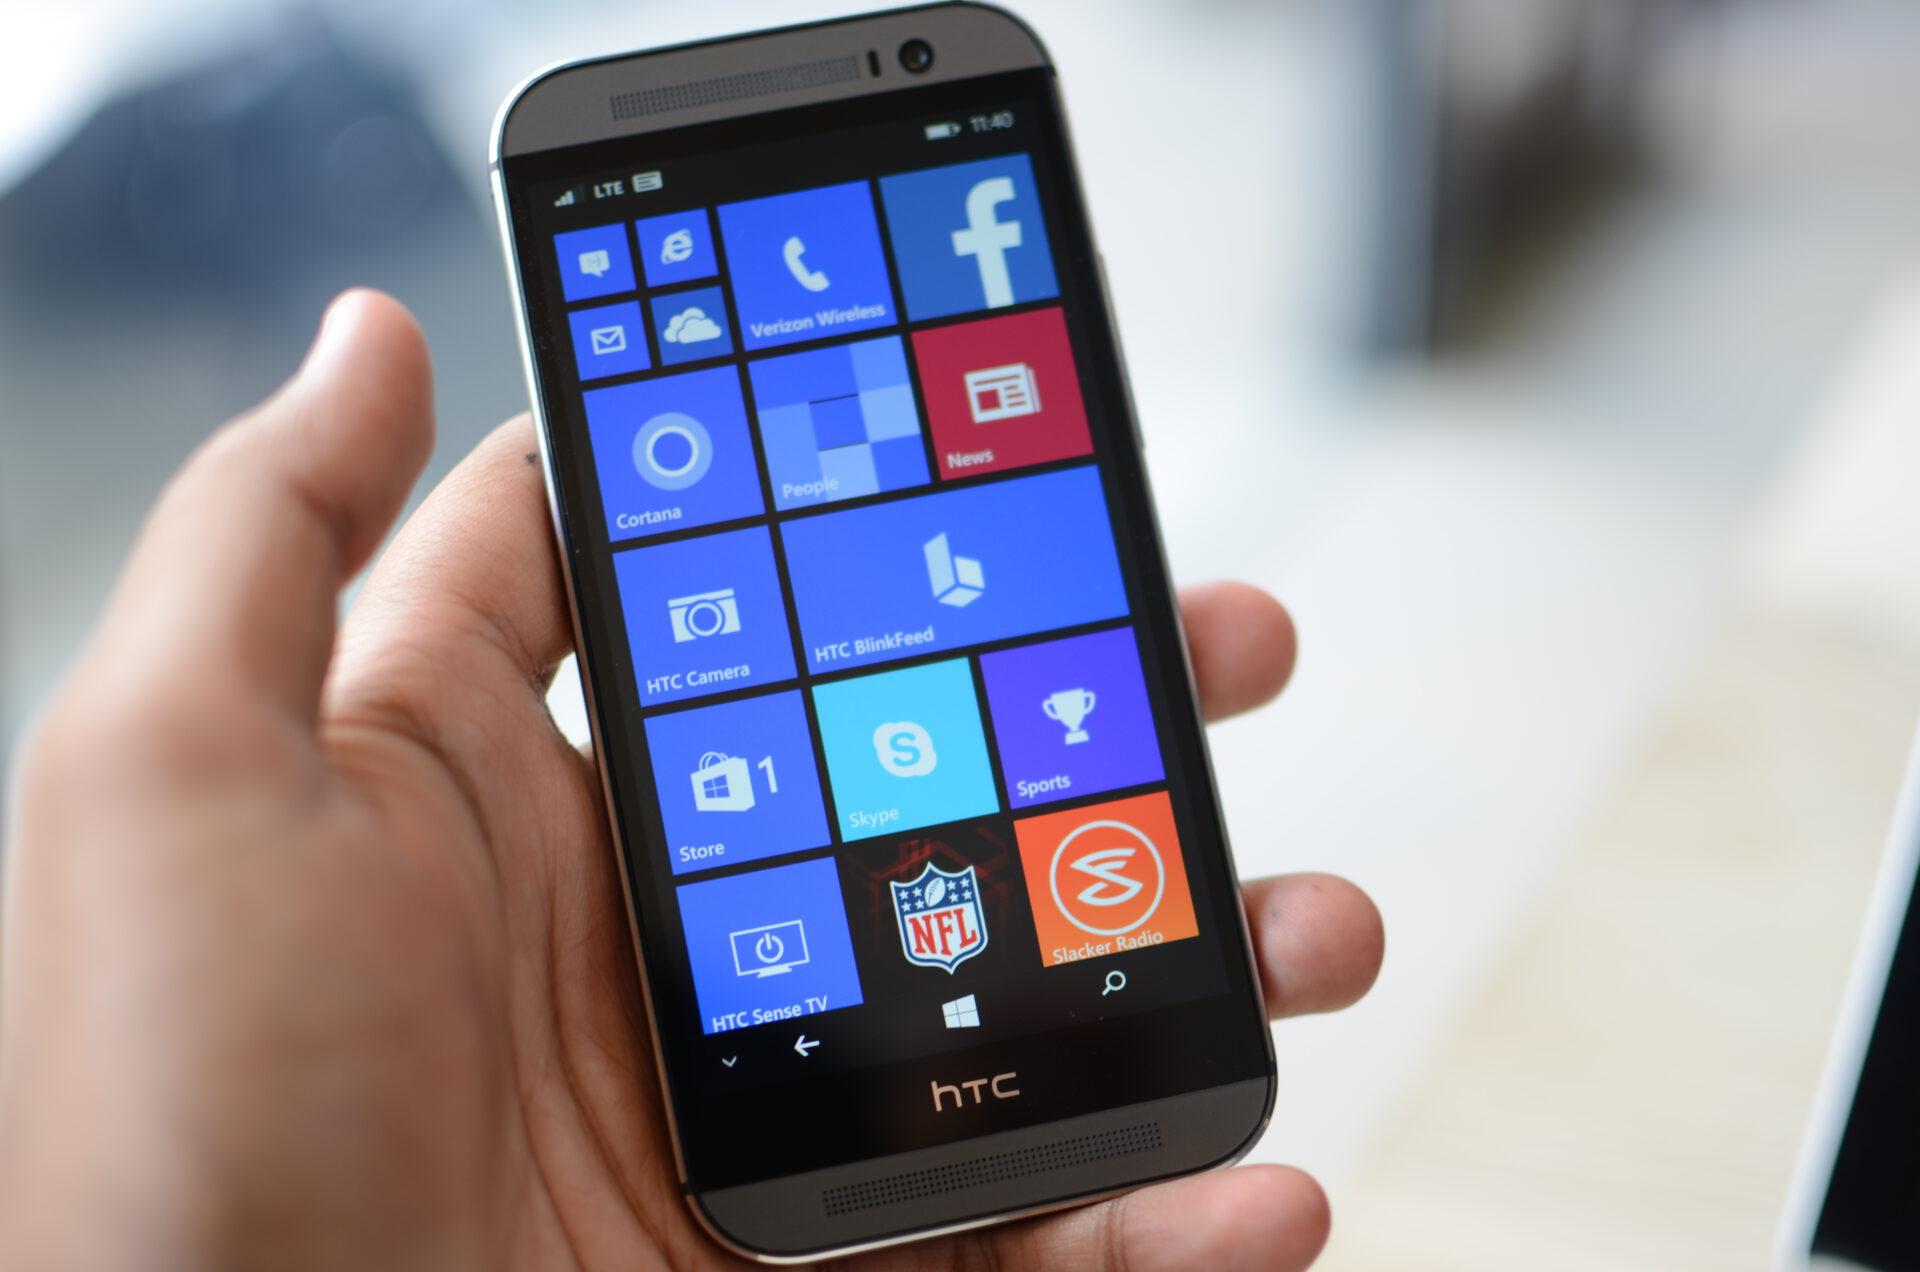 Cat de folosit este internetul mobil in lume